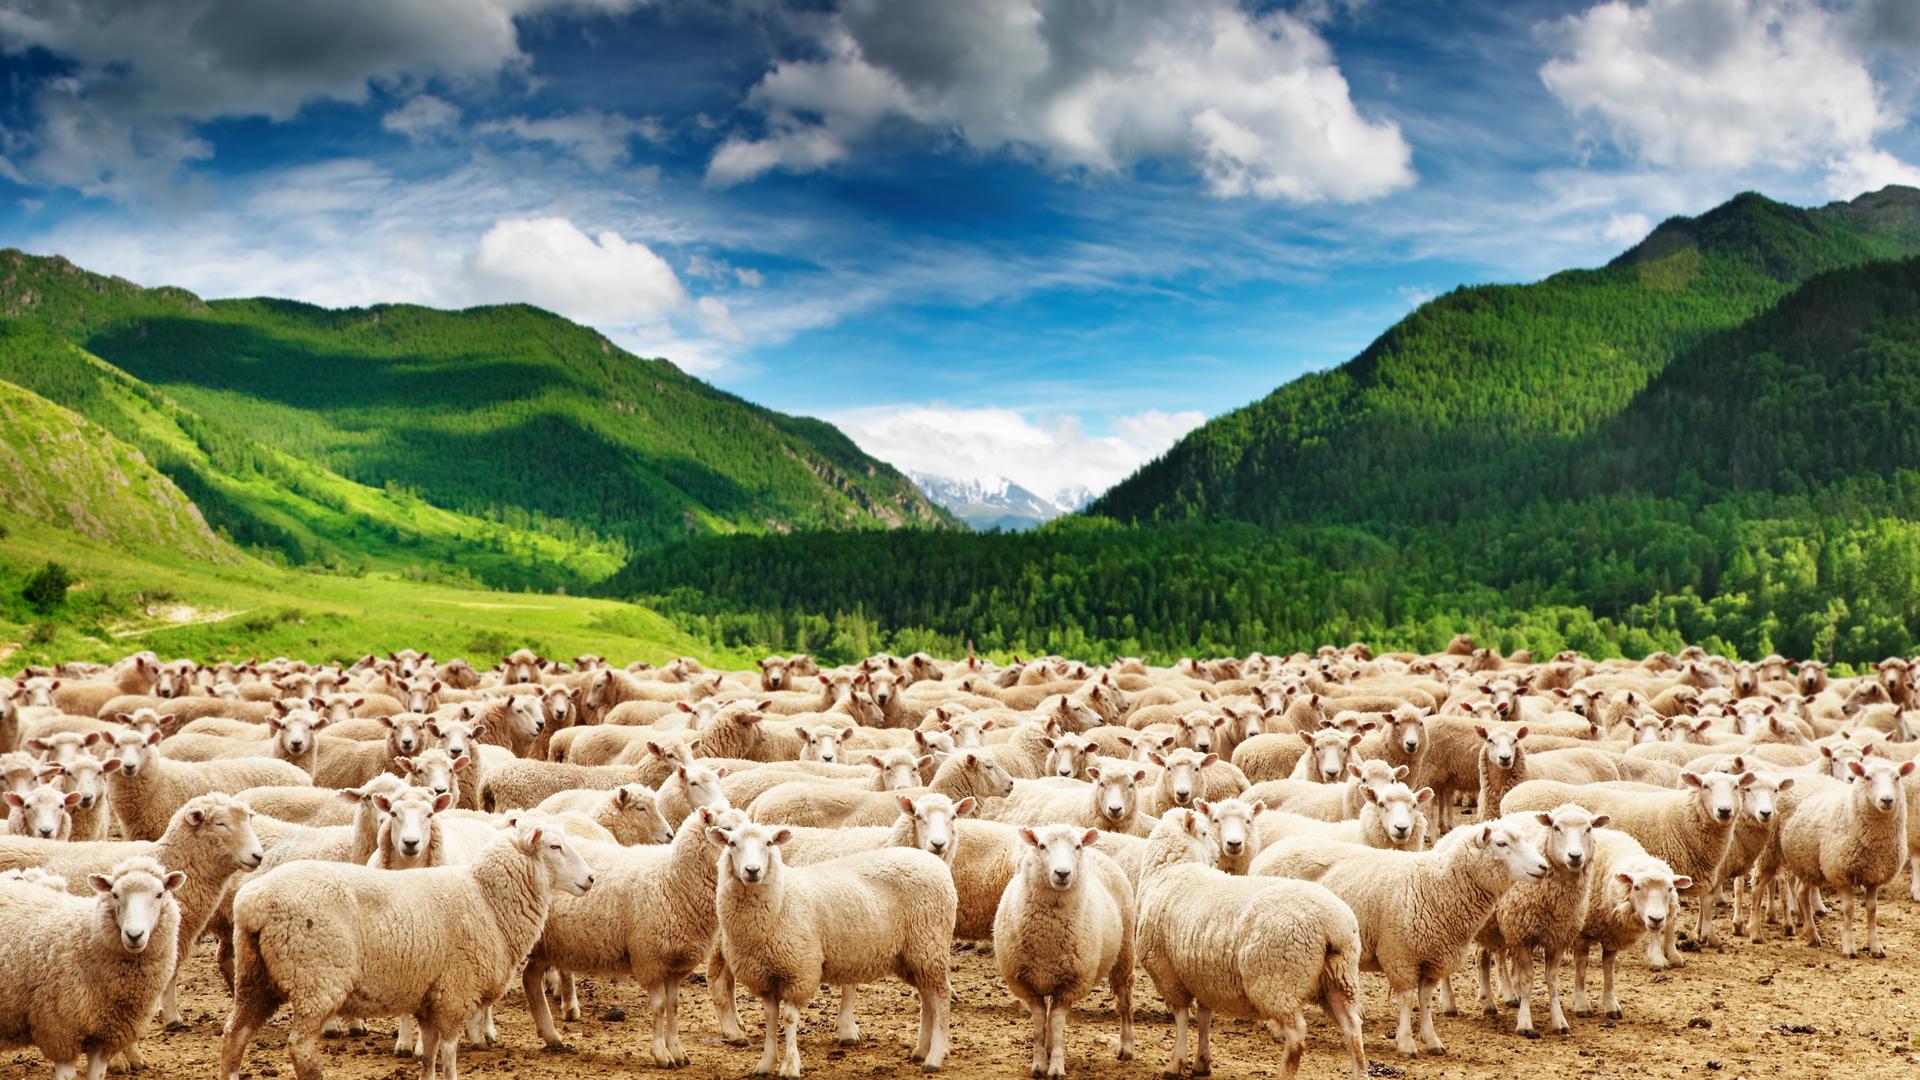 Днем, много овечек картинка